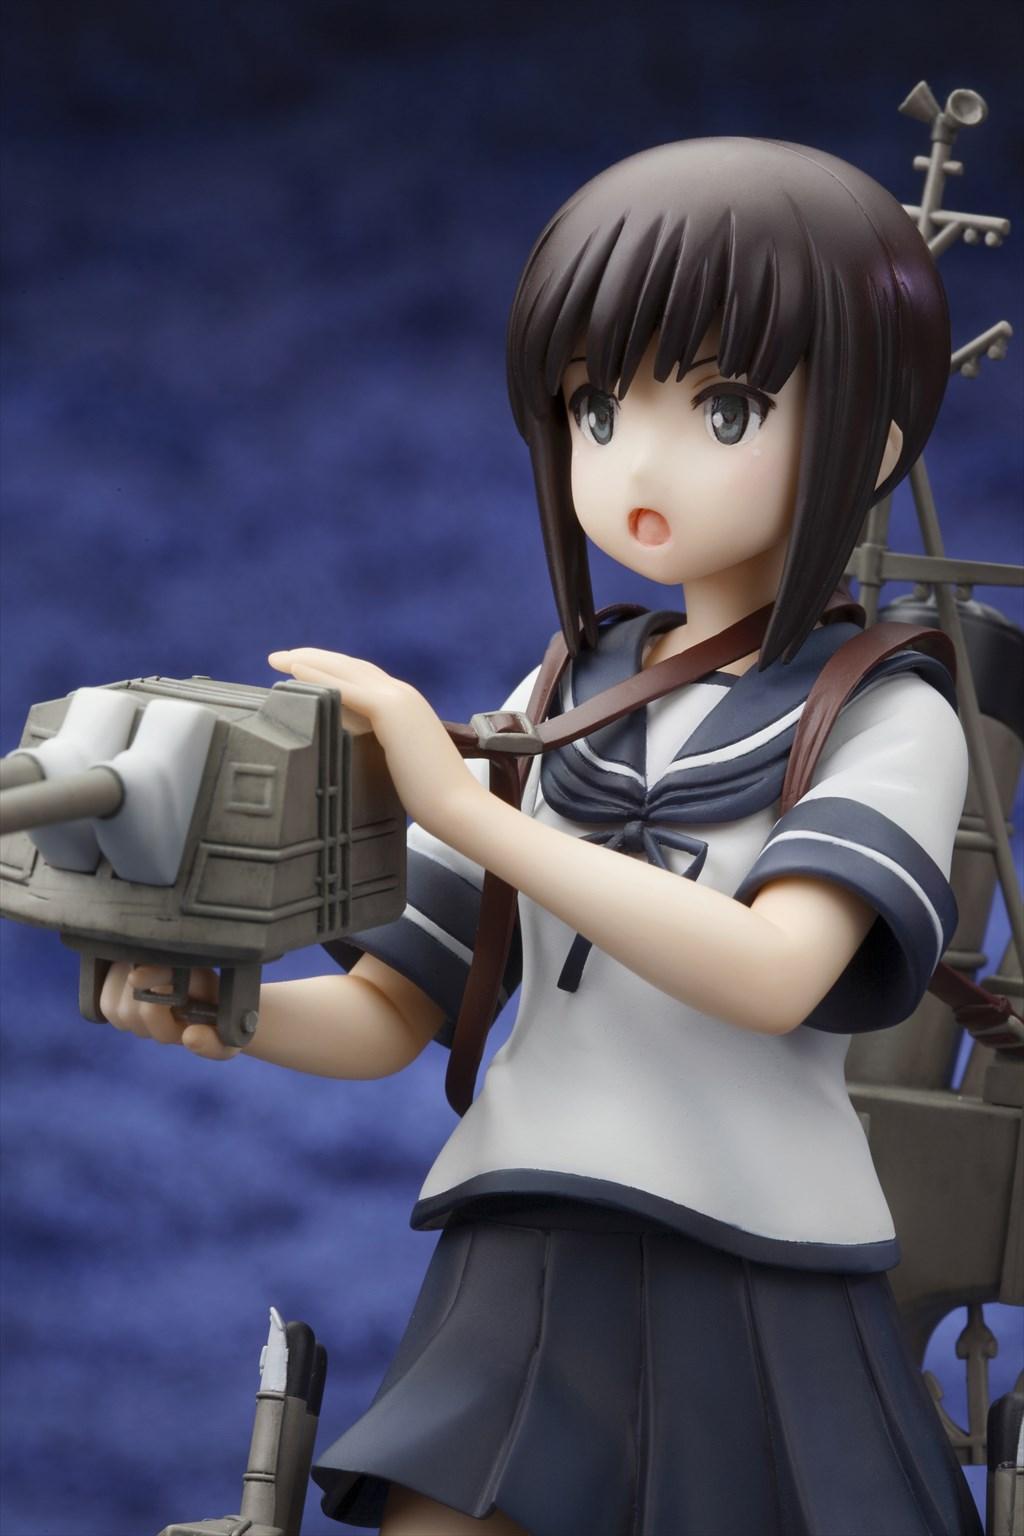 『艦隊これくしょん -艦これ-』より、しばふ氏イラストの駆逐艦「吹雪」フィギュアが2015年6月に出撃!